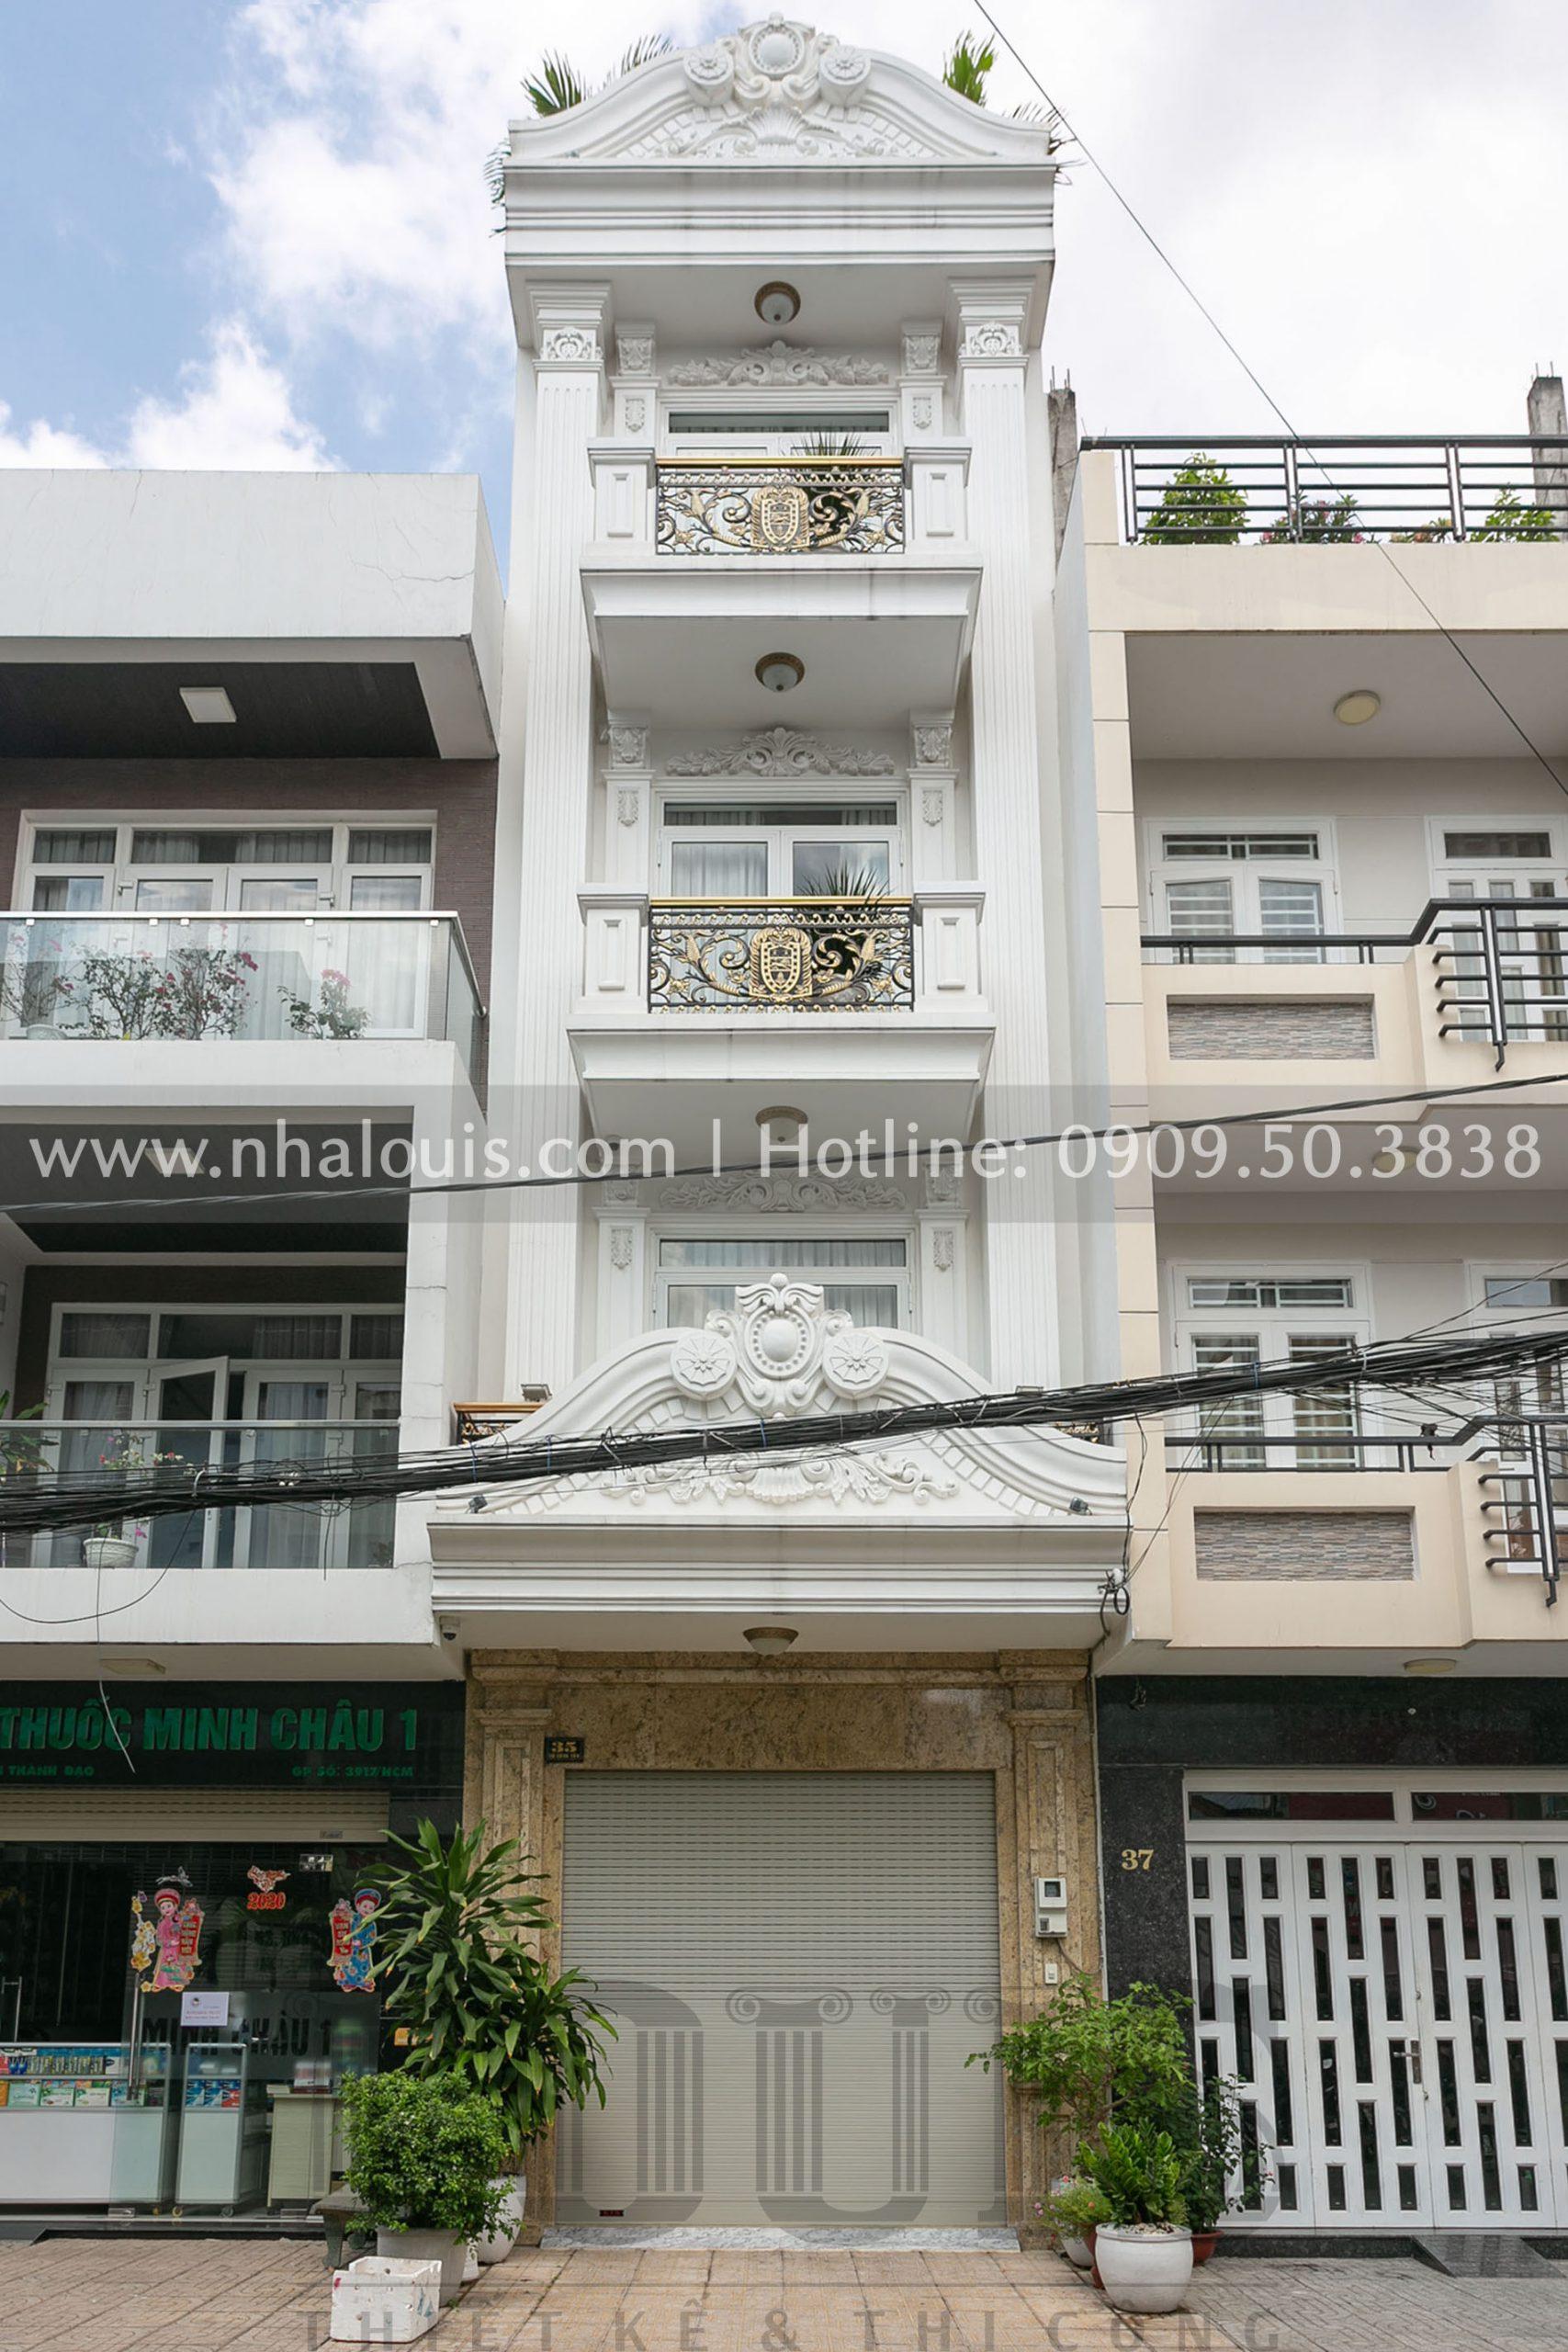 Hình ảnh mẫu nhà phố 5 tầng mặt tiền 4m khi hoàn thiện